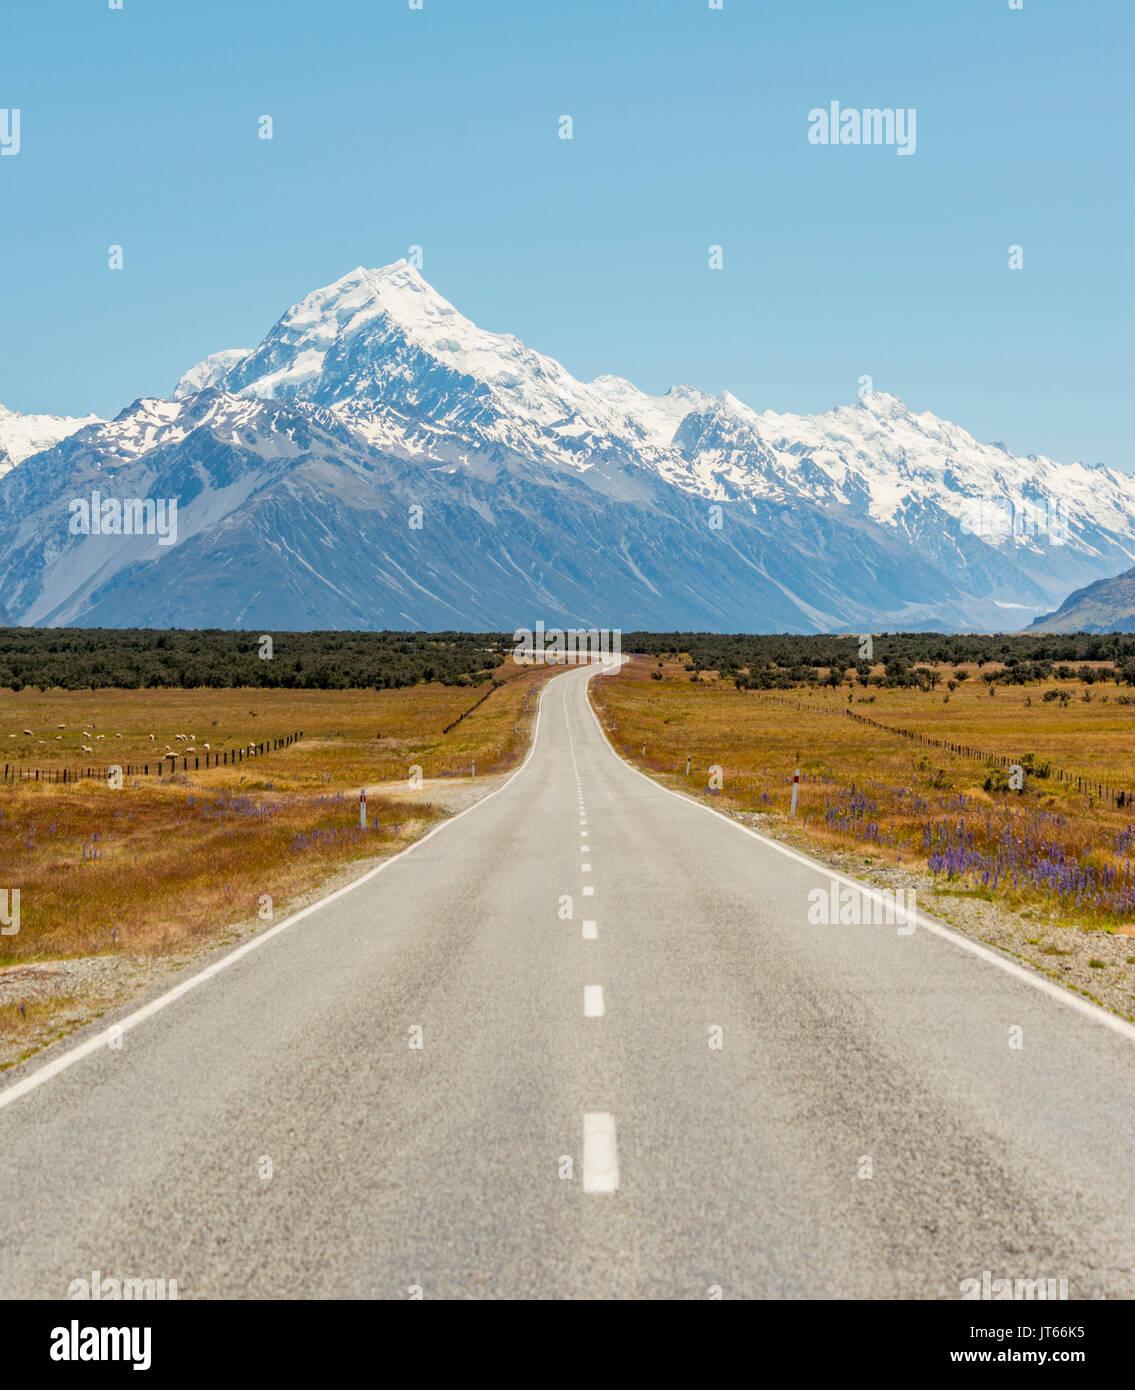 Straße mit Blick auf den Mount Cook, Snowy Mountains, Mount Cook National Park der südlichen Alpen, Canterbury, Südinsel, Neuseeland Stockbild